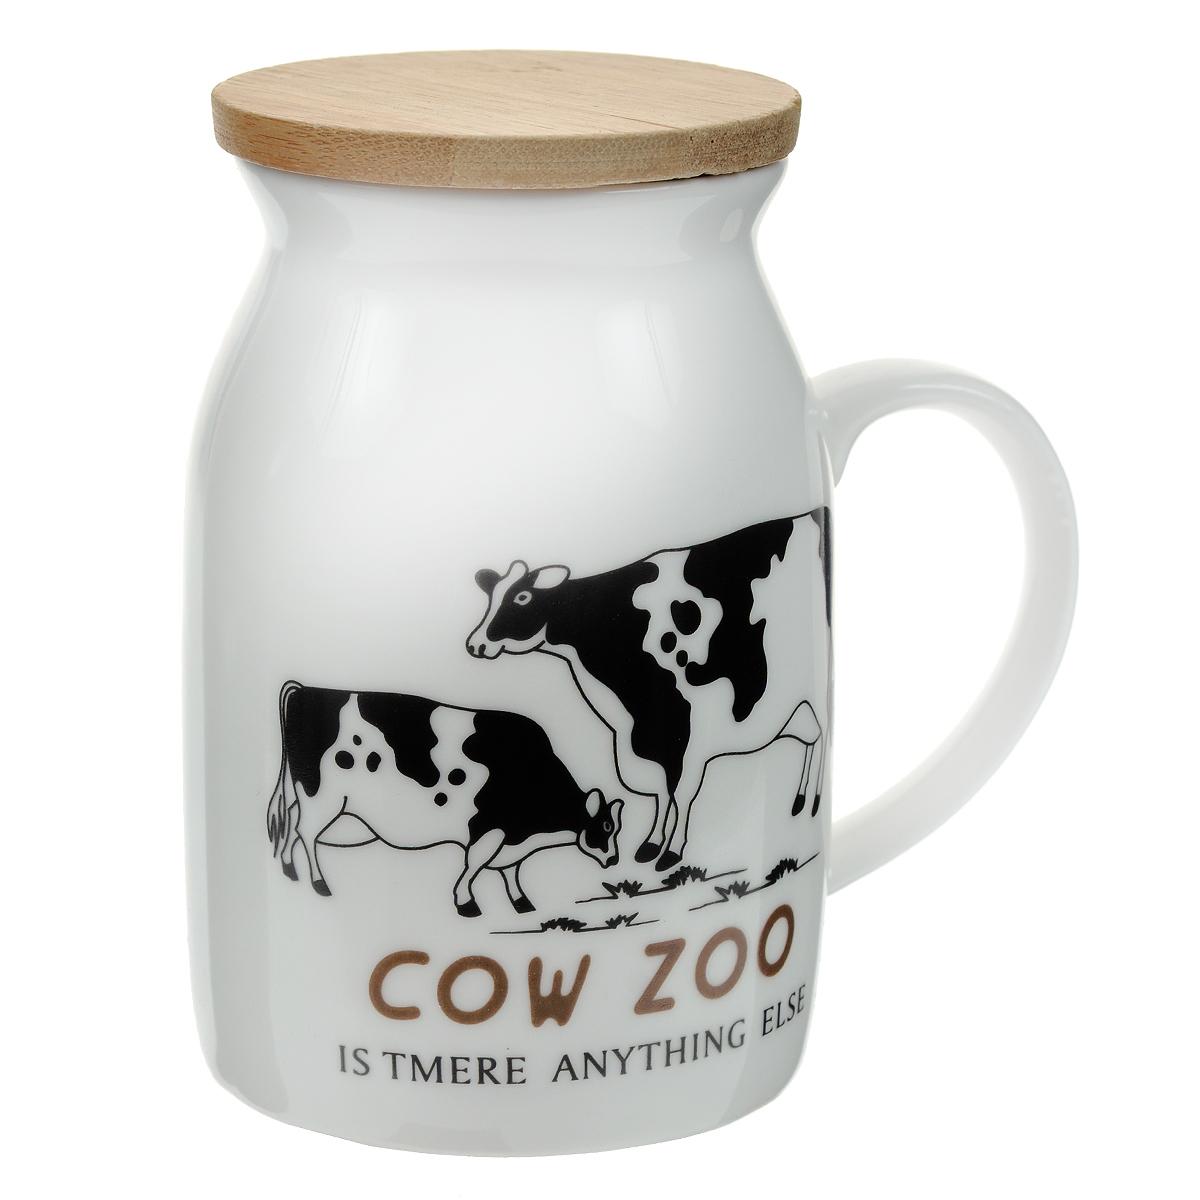 Кружка Корова, с бамбуковой крышкой. 003061003061Кружка Корова, выполненная из керамики в виде бидона молока, станет отличным подарком для человека, ценящего забавные и практичные подарки. Кружка оформлена рисунком в виде коров. Оснащенная удобной бамбуковой крышкой, кружка превосходно сохраняет температуру напитка.Такой подарок станет не только приятным, но и практичным сувениром: кружка станет незаменимым атрибутом, а оригинальный дизайн вызовет улыбку. Характеристики: Материал: керамика. Диаметр кружки по верхнему краю: 6 см. Высота стенки кружки: 10 см. Высота кружки с учетом крышки: 10,5 см. Размер упаковки: 11 см х 9,5 см х 7,5 см. Артикул: 003061.